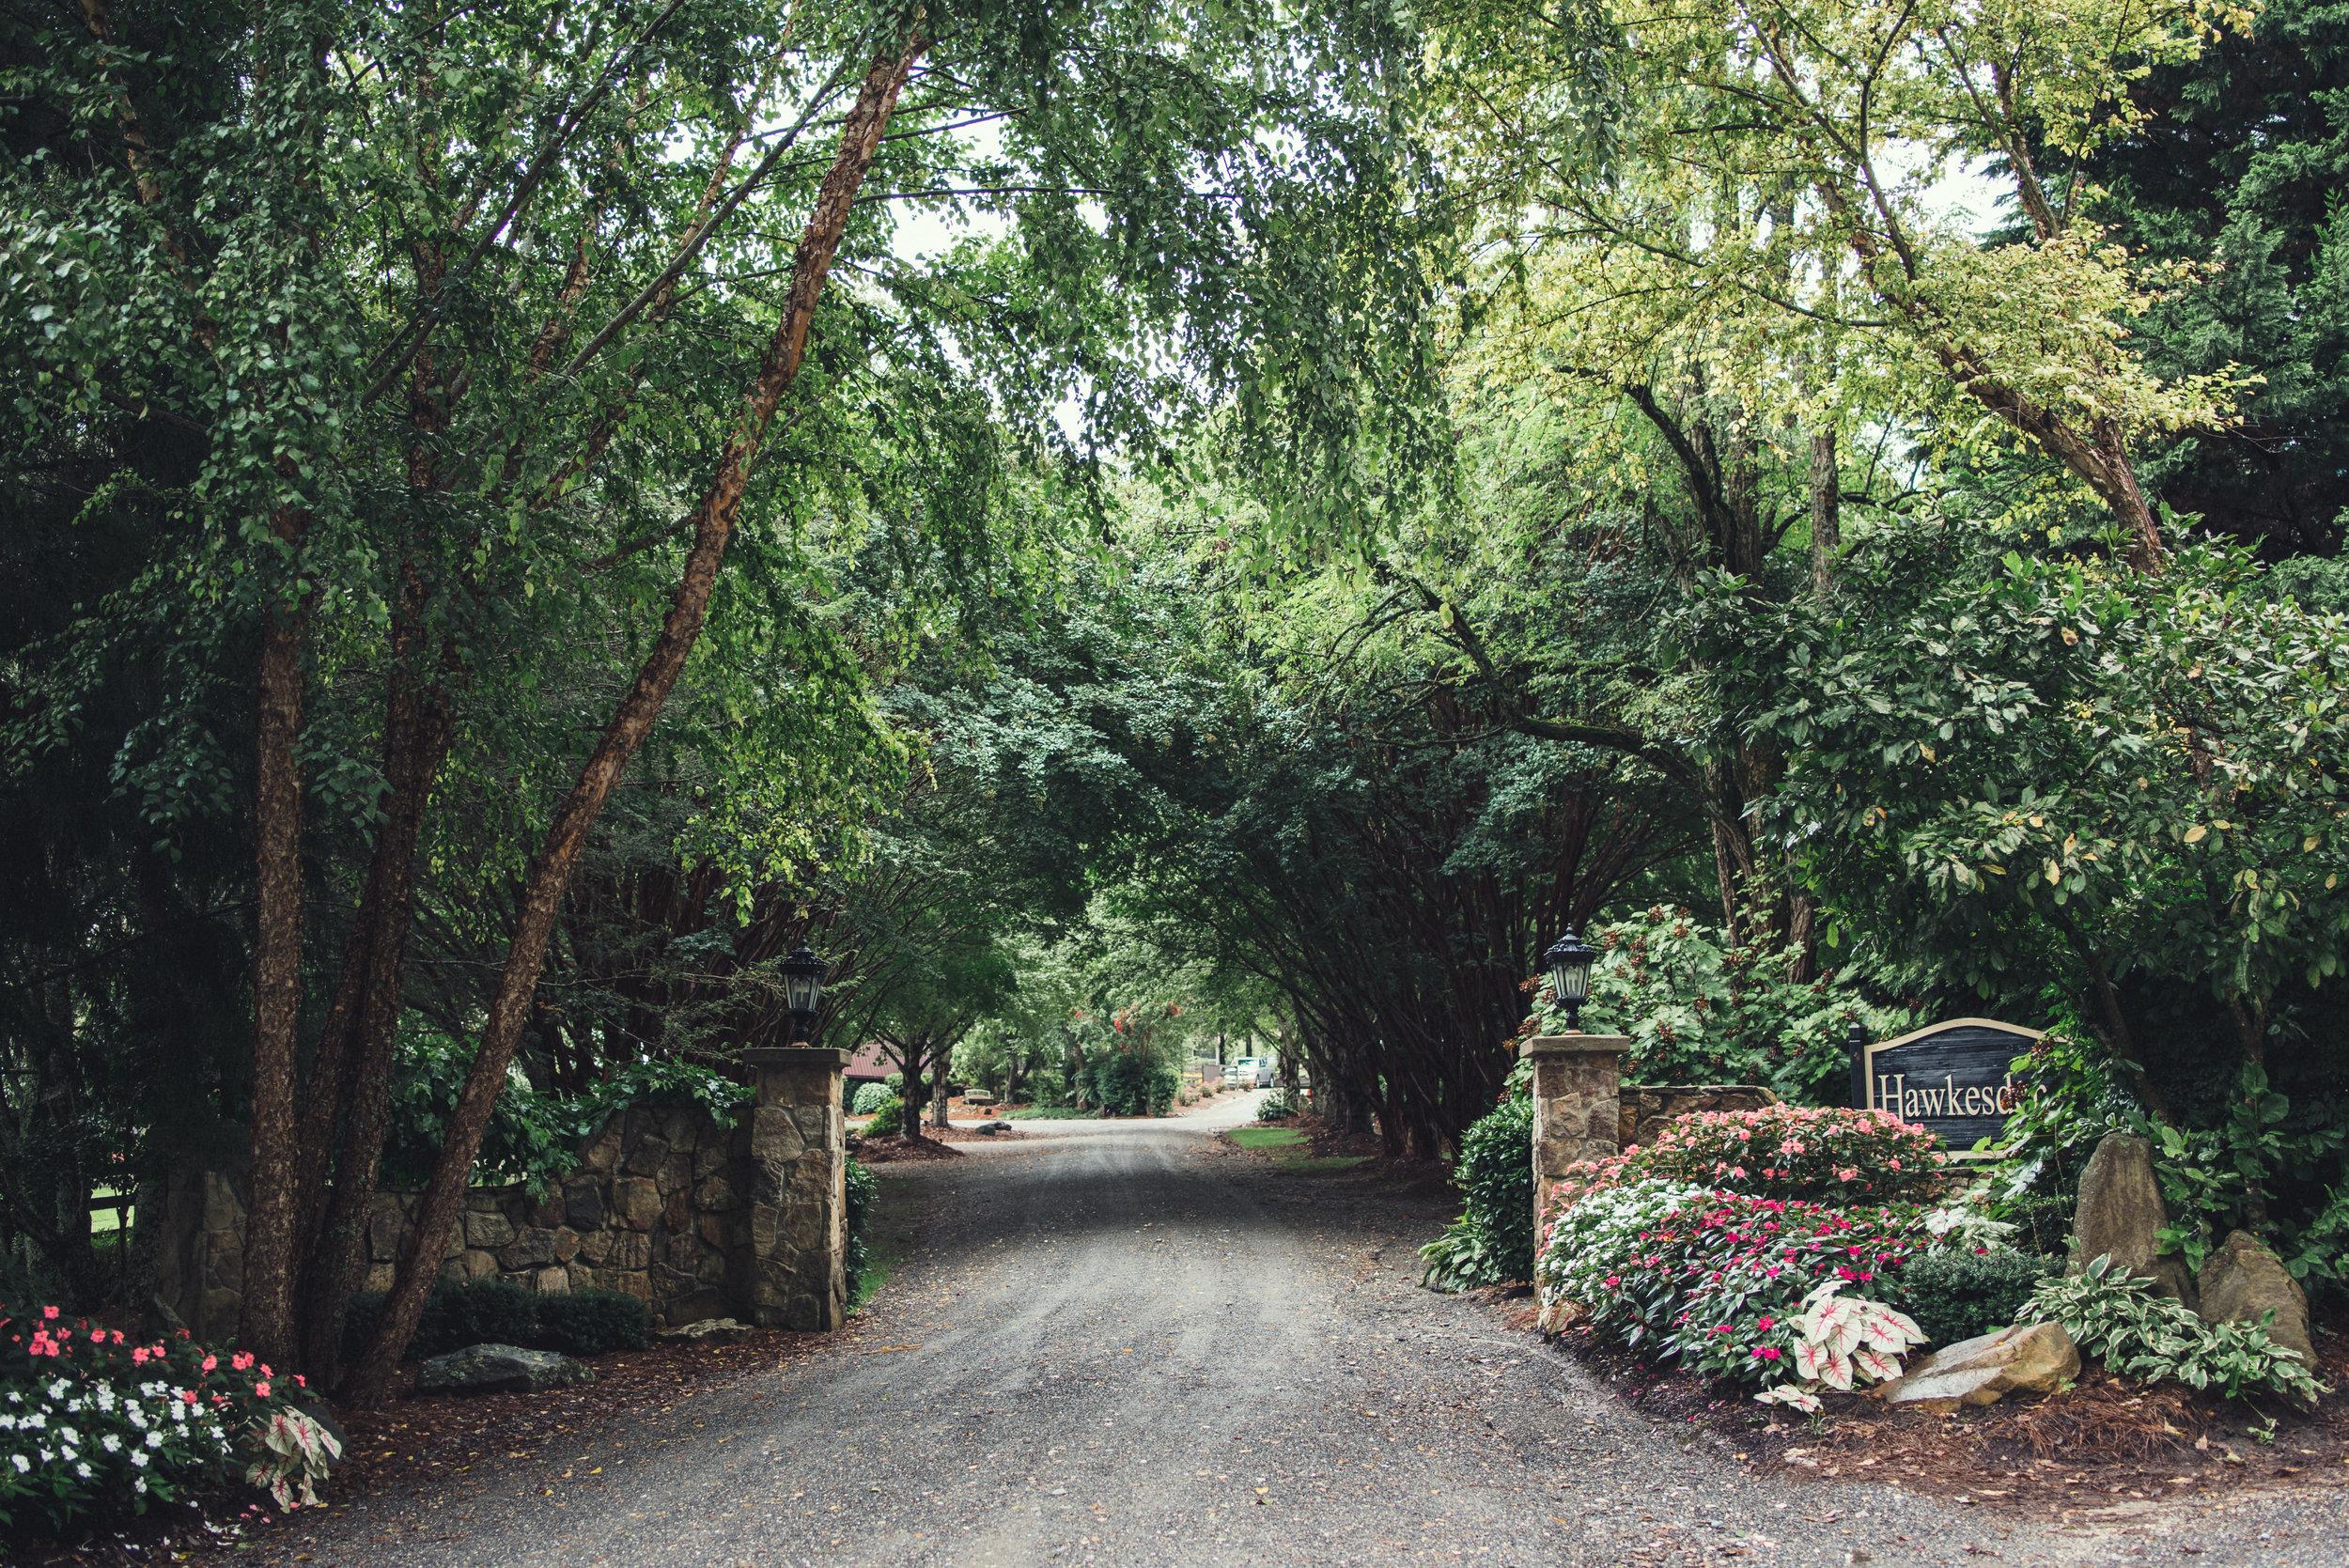 Hawkesdene entrance